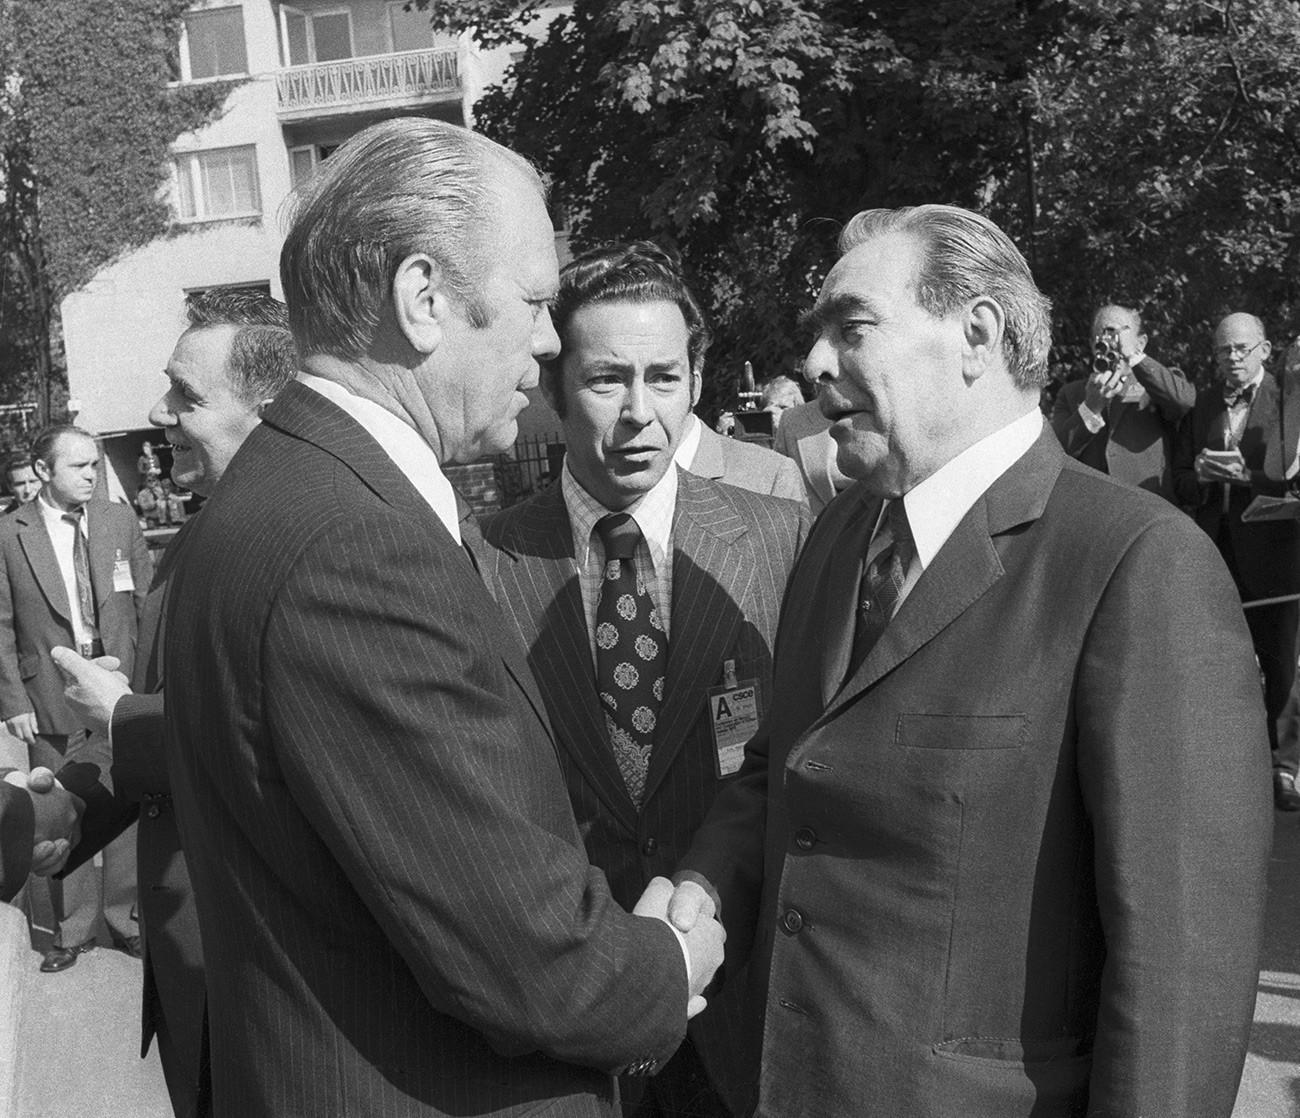 Helsinki. Glavni tajnik CK KPSZ Leonid Brežnjev (desno) in ameriški predsednik Gerald Ford pred začetkom srečanja za varnost in sodelovanje v Evropi